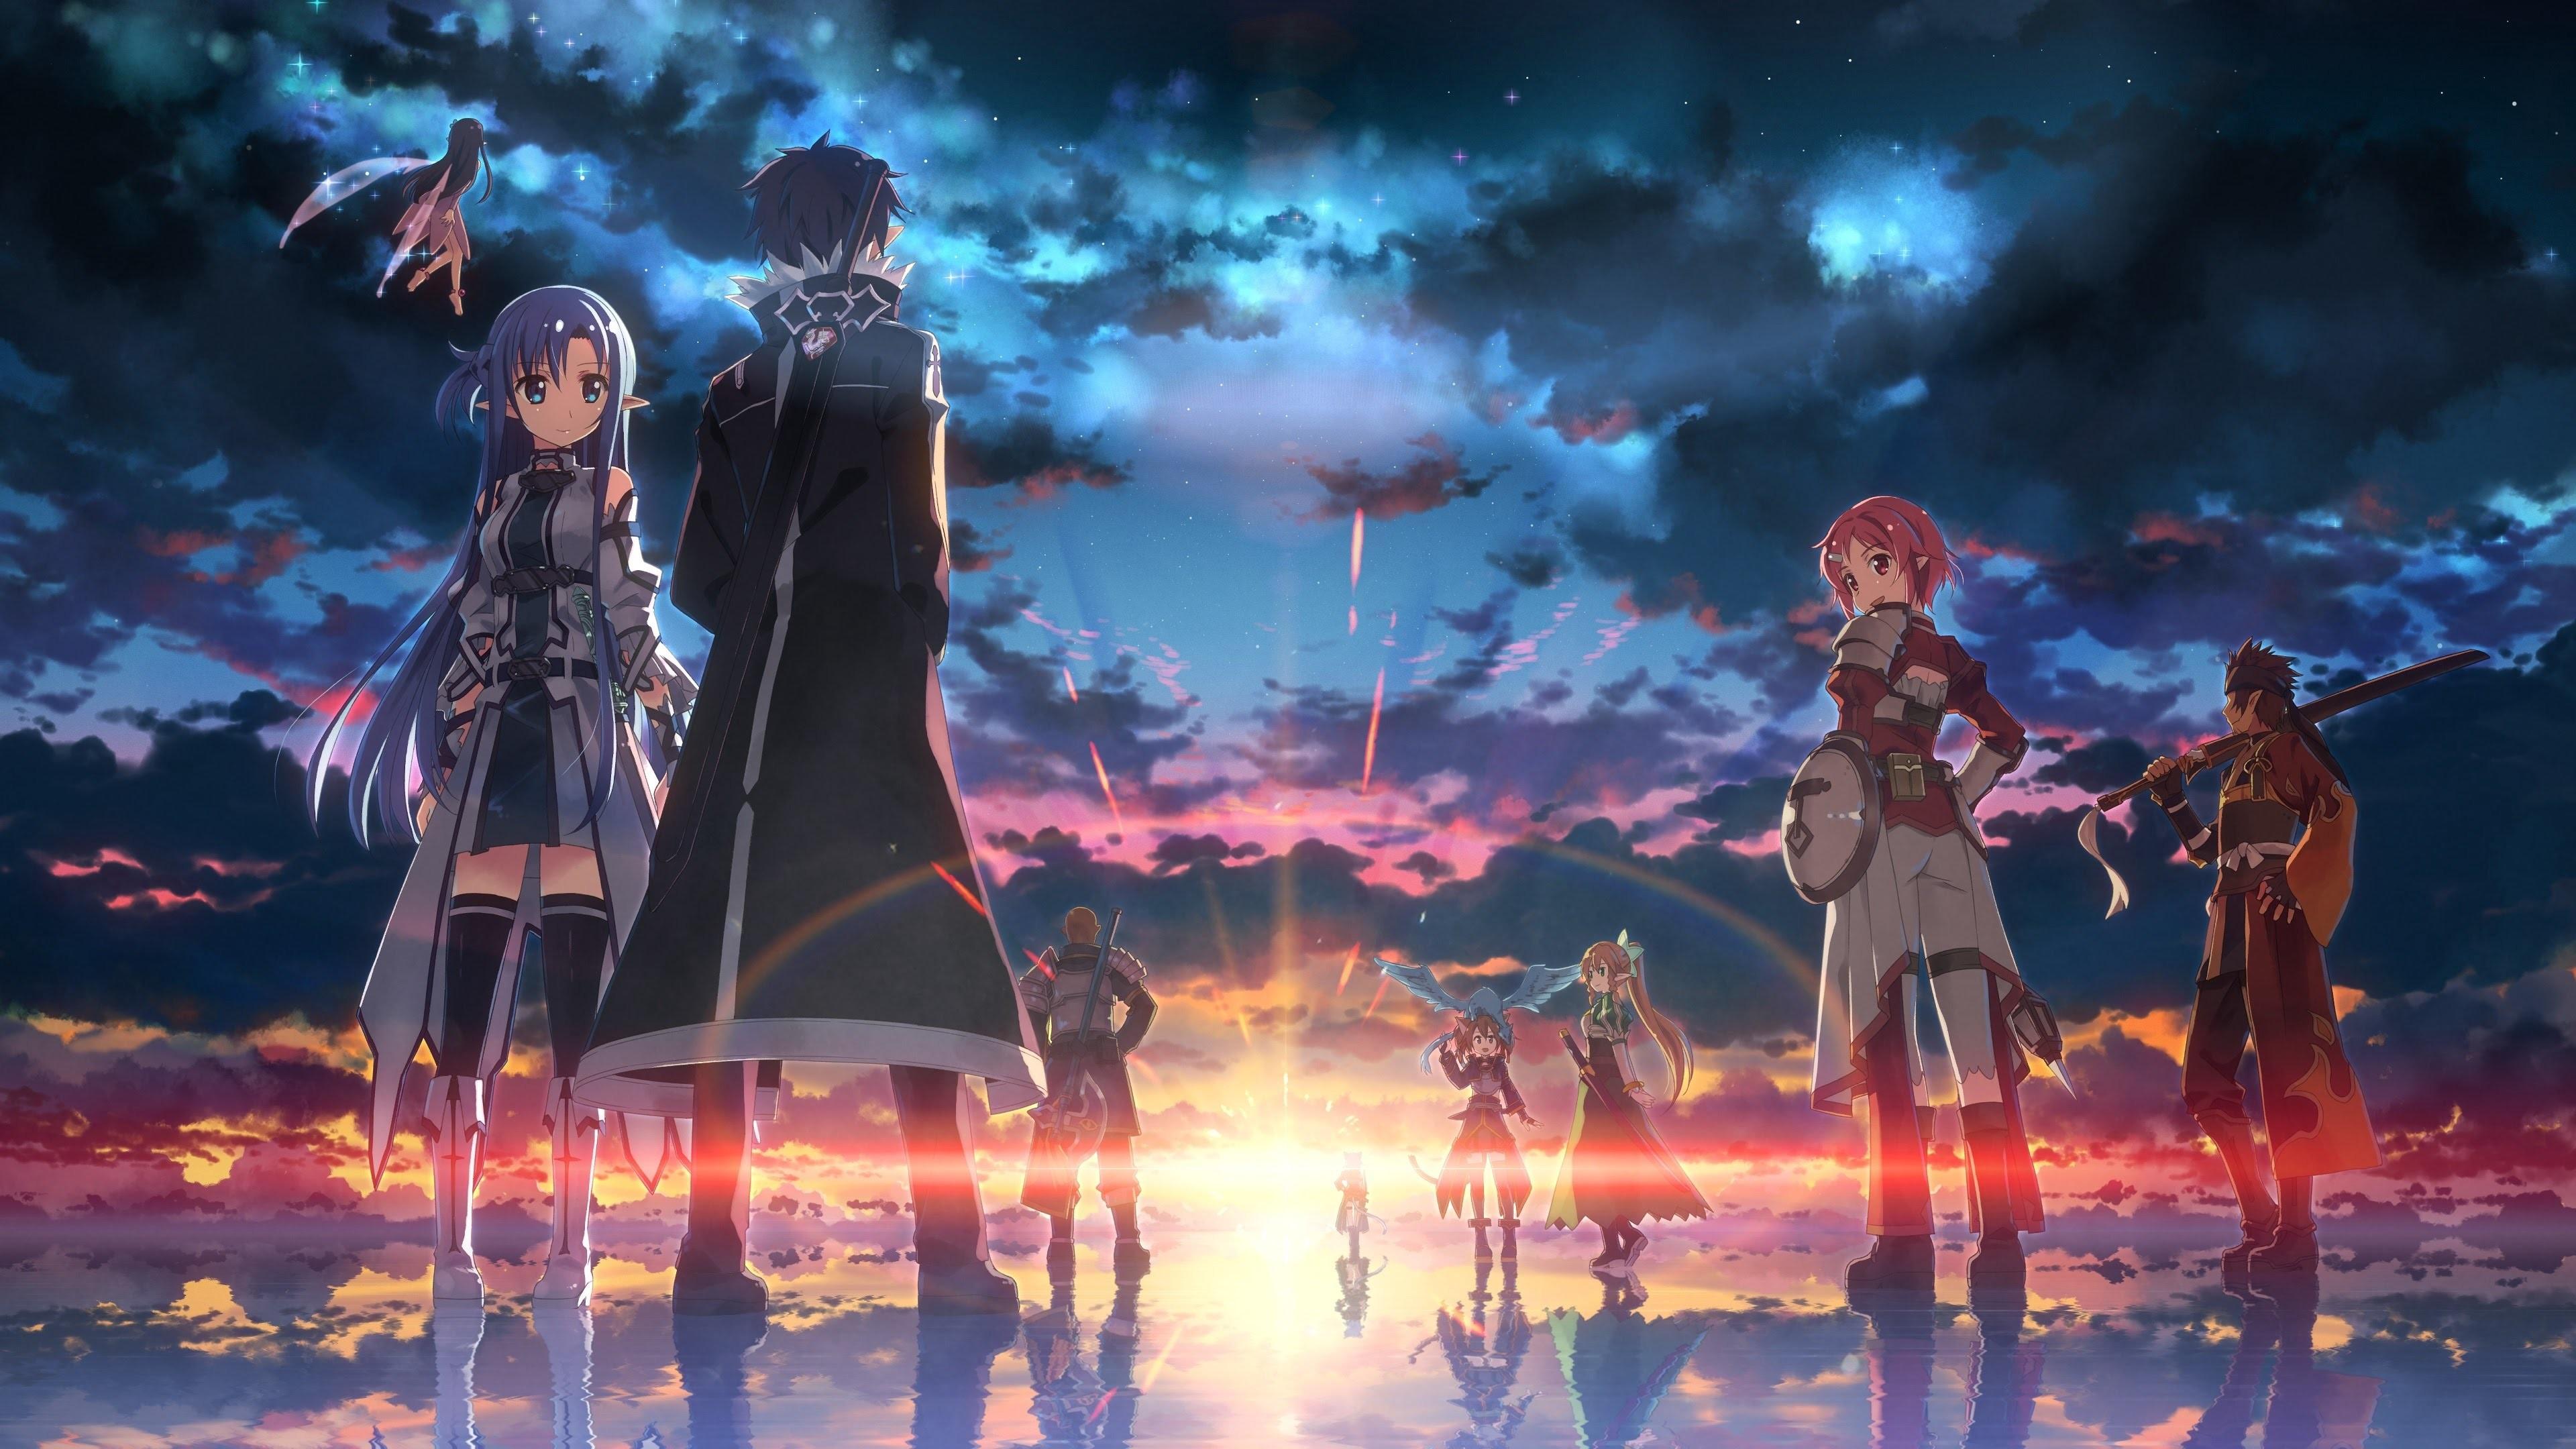 Anime Relaxing Music | A Tender Feeling「OST」| Best Sword Art Online  Wallpapers【Full HD】